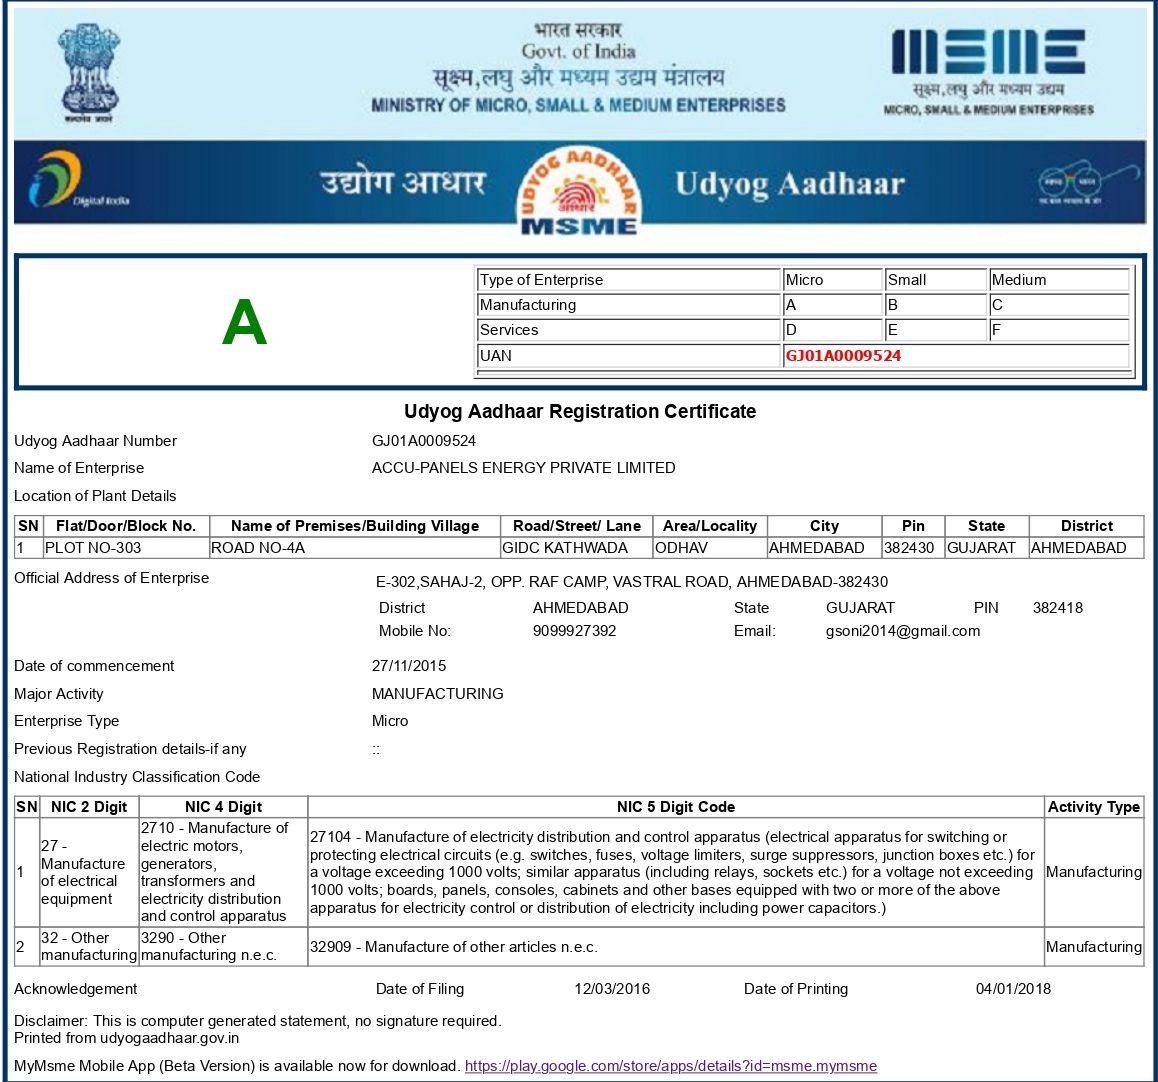 Udyog Aadhaar Registration Certificate